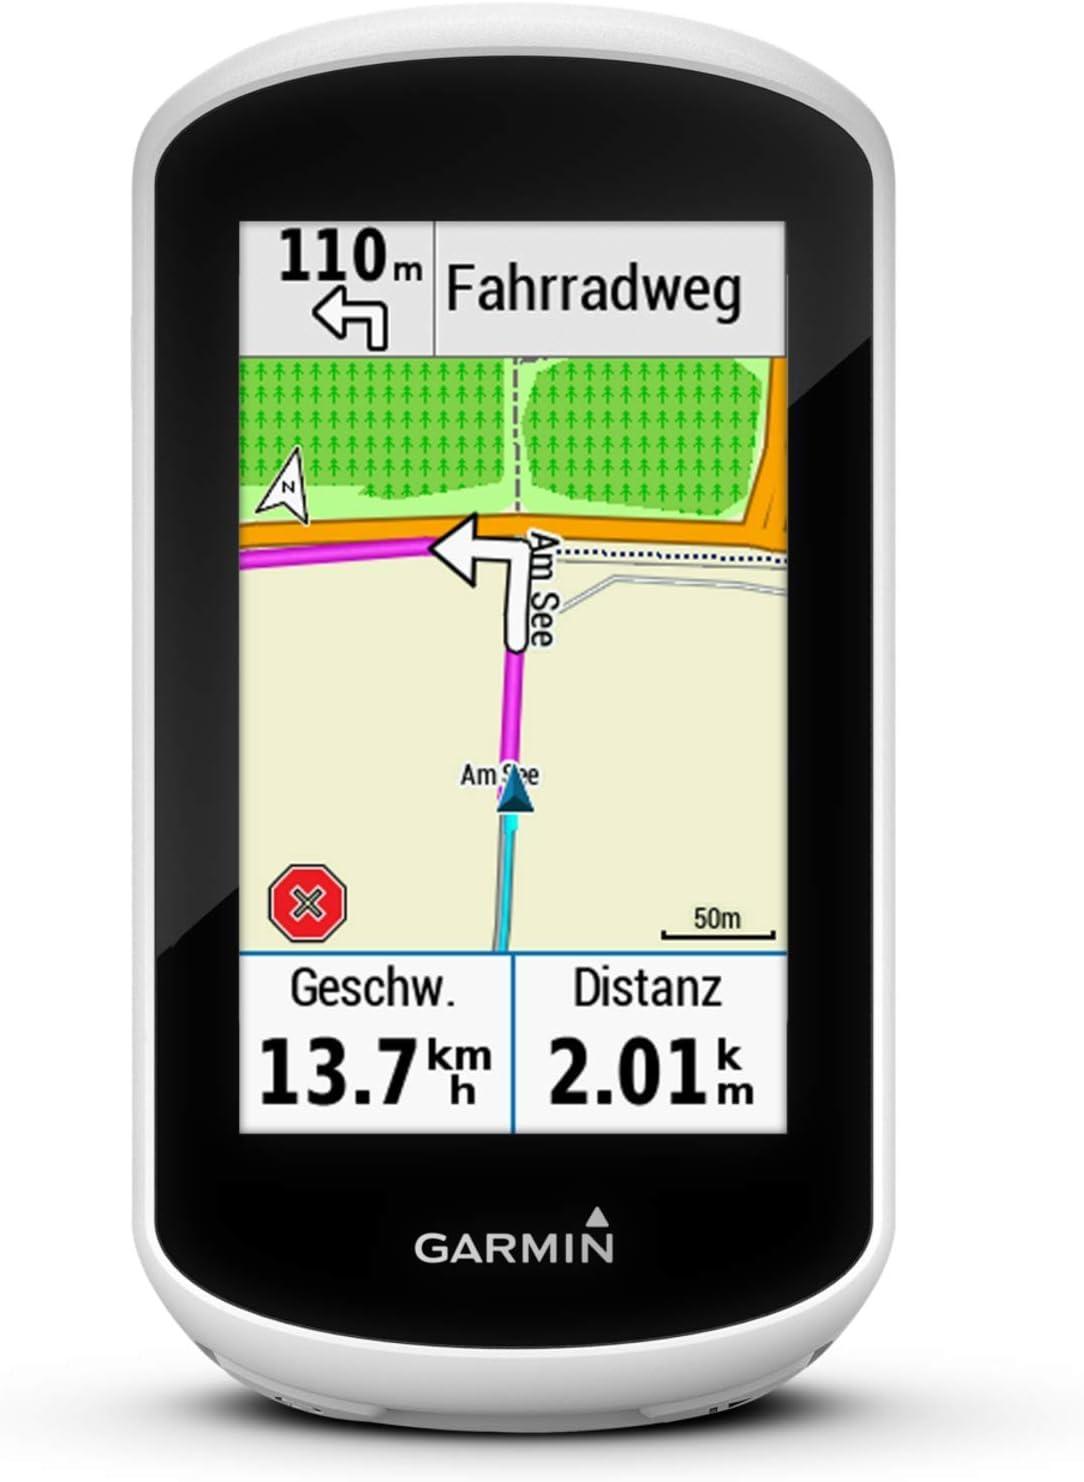 Garmin Edge Explore Navegador GPS para Bicicleta - Mapas de Europa preinstalados, Funciones de navegación, Pantalla táctil de 3